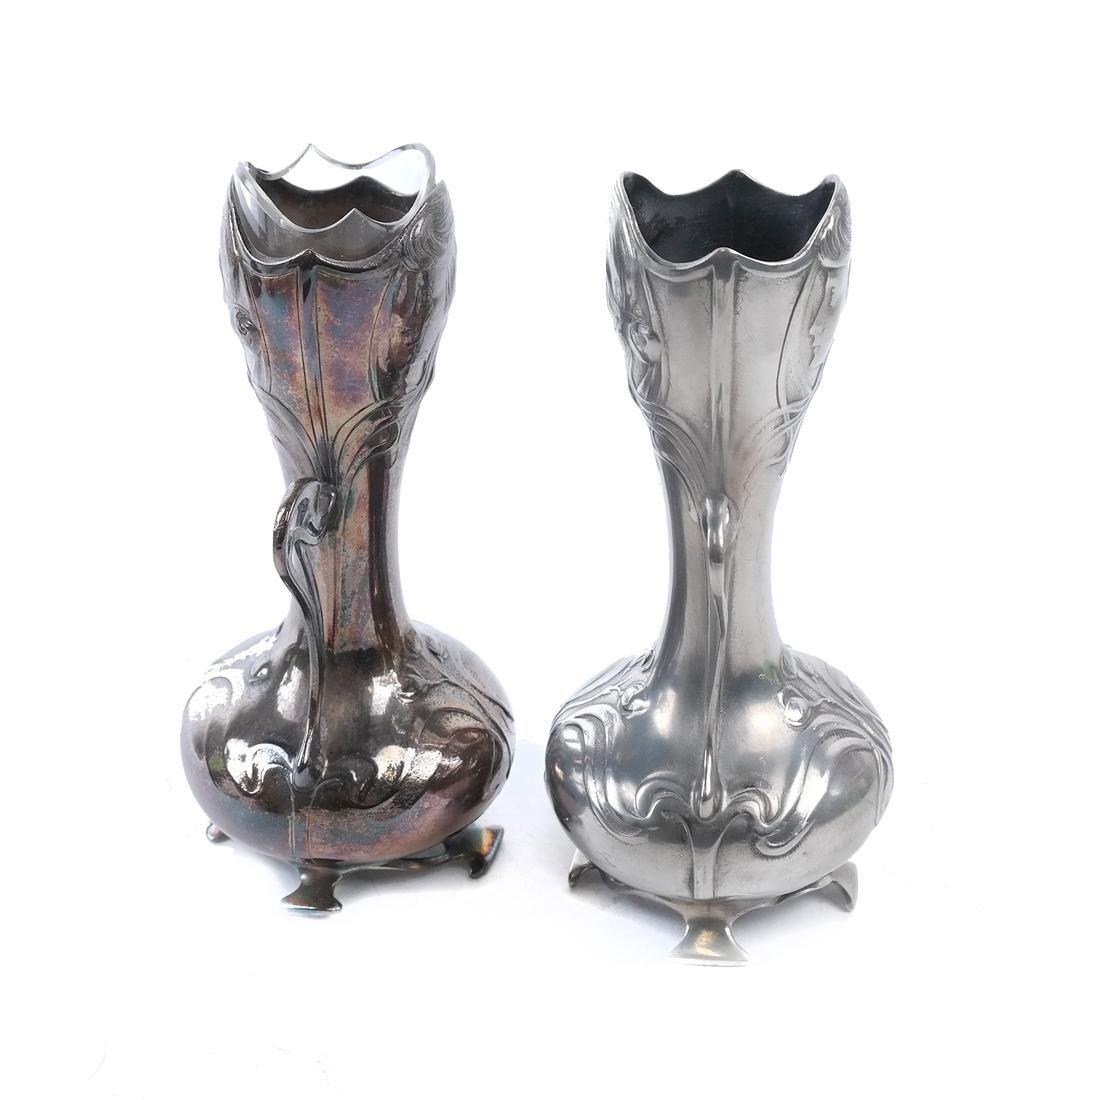 Pair of WMF Art Nouveau Vases - 2